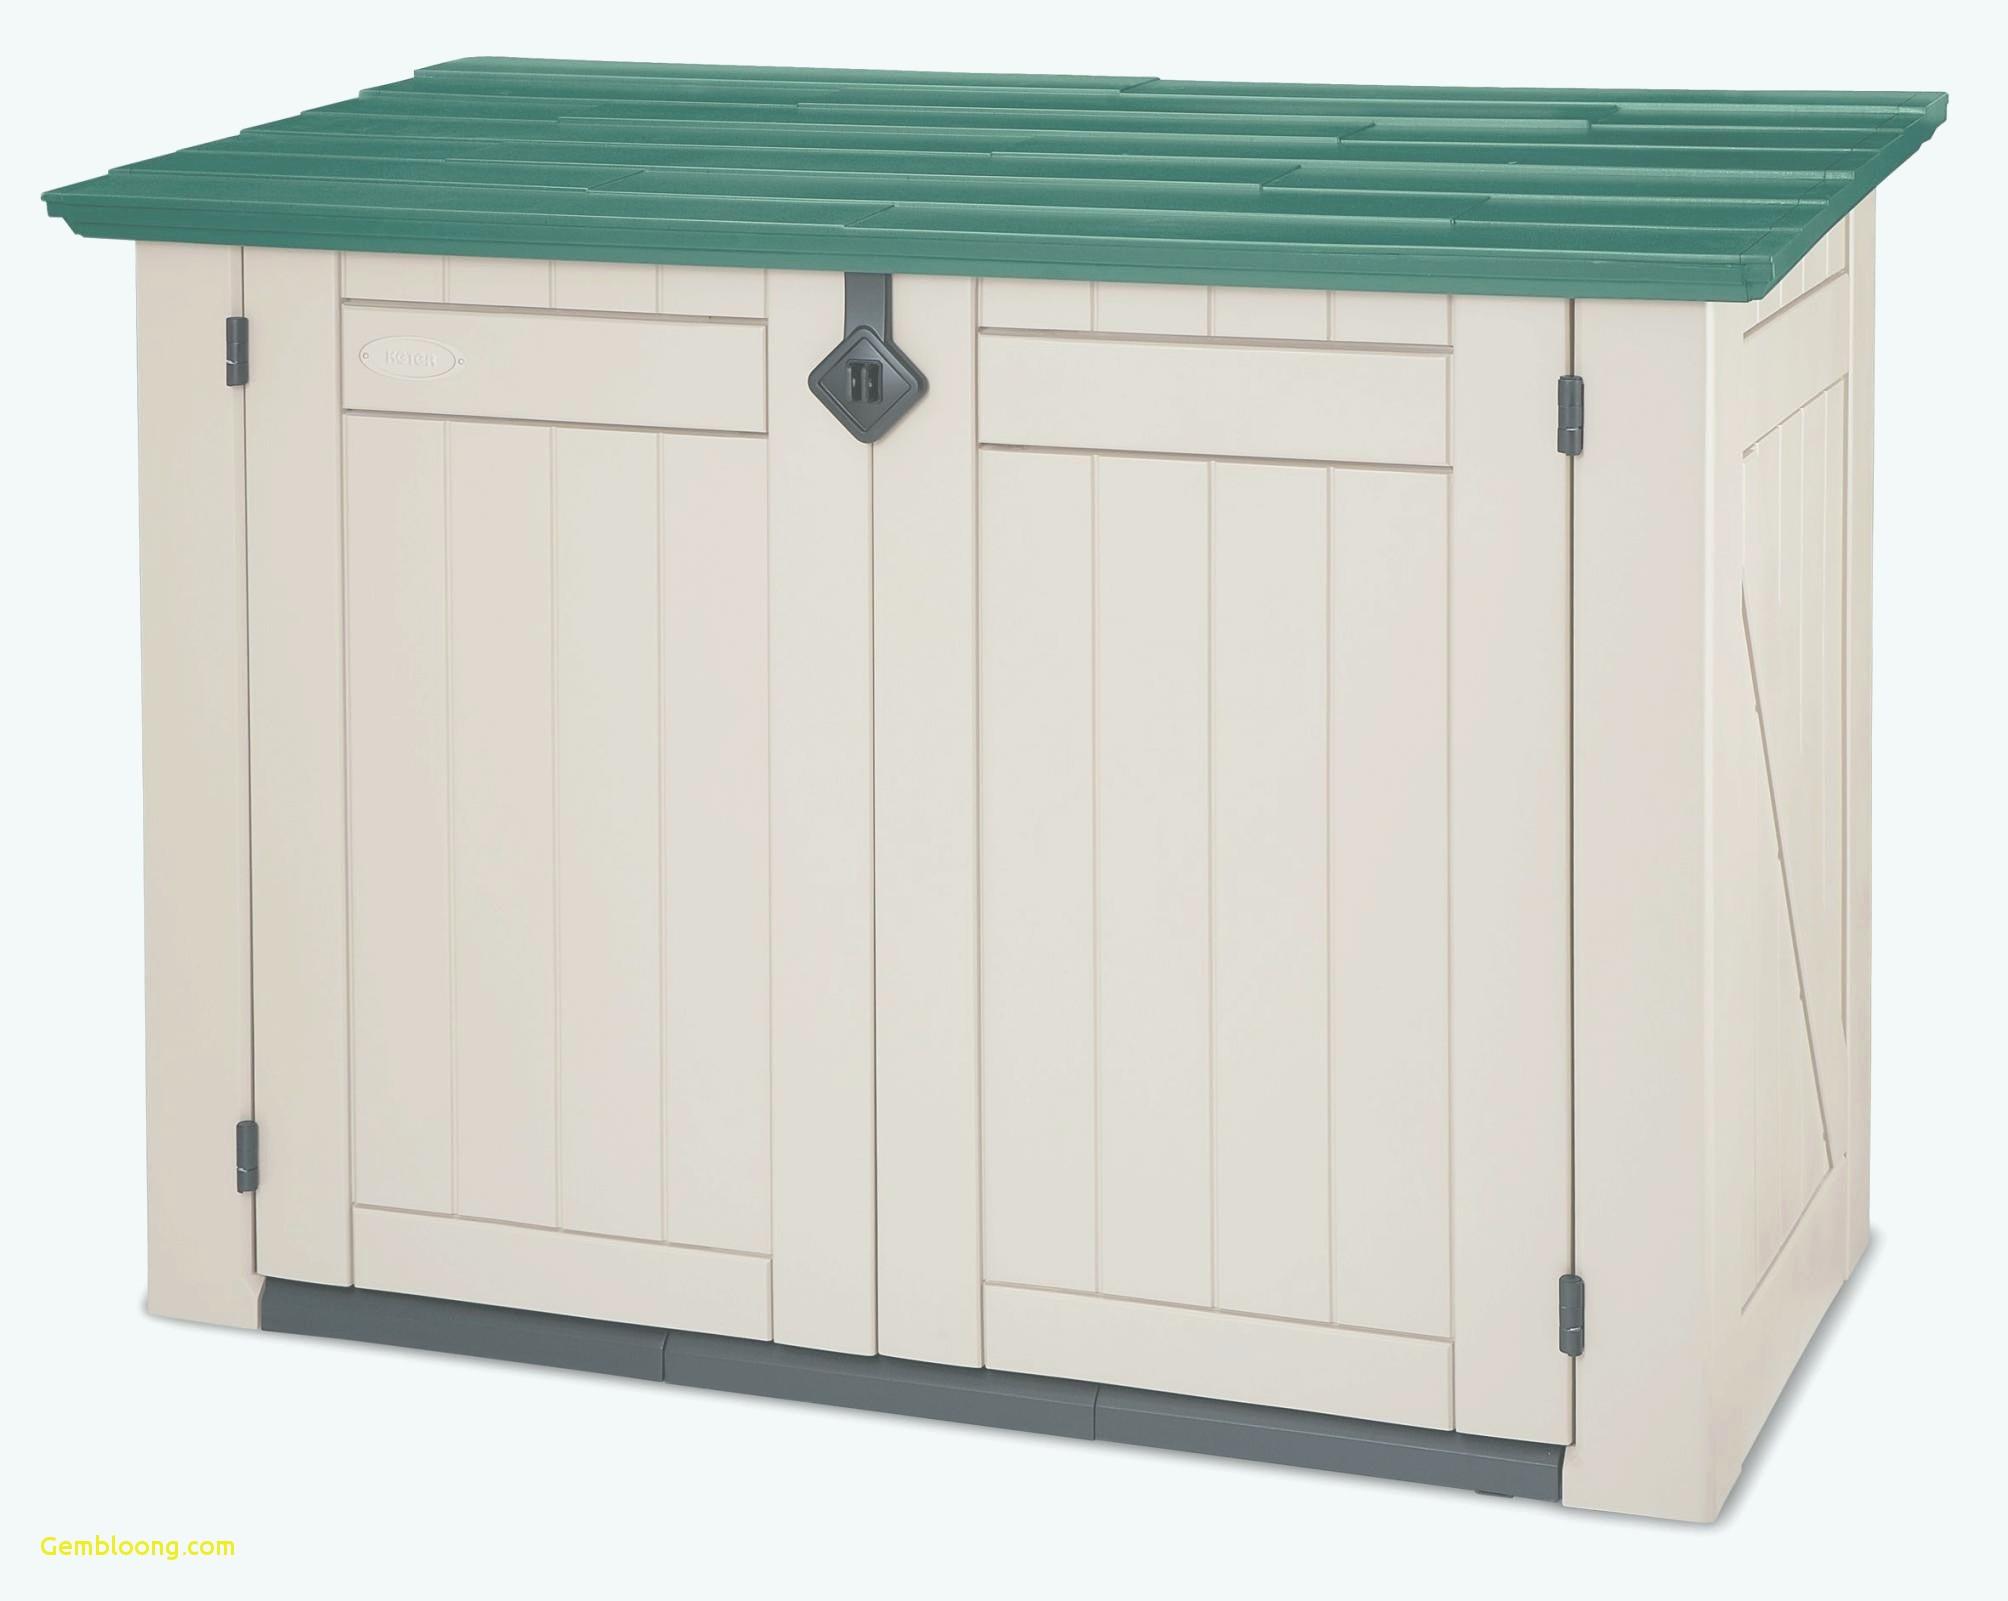 Brico Depot Coffre De Jardin Frais Stock Beautiful Armoire Plastique Brico Depot – Beautyful Design